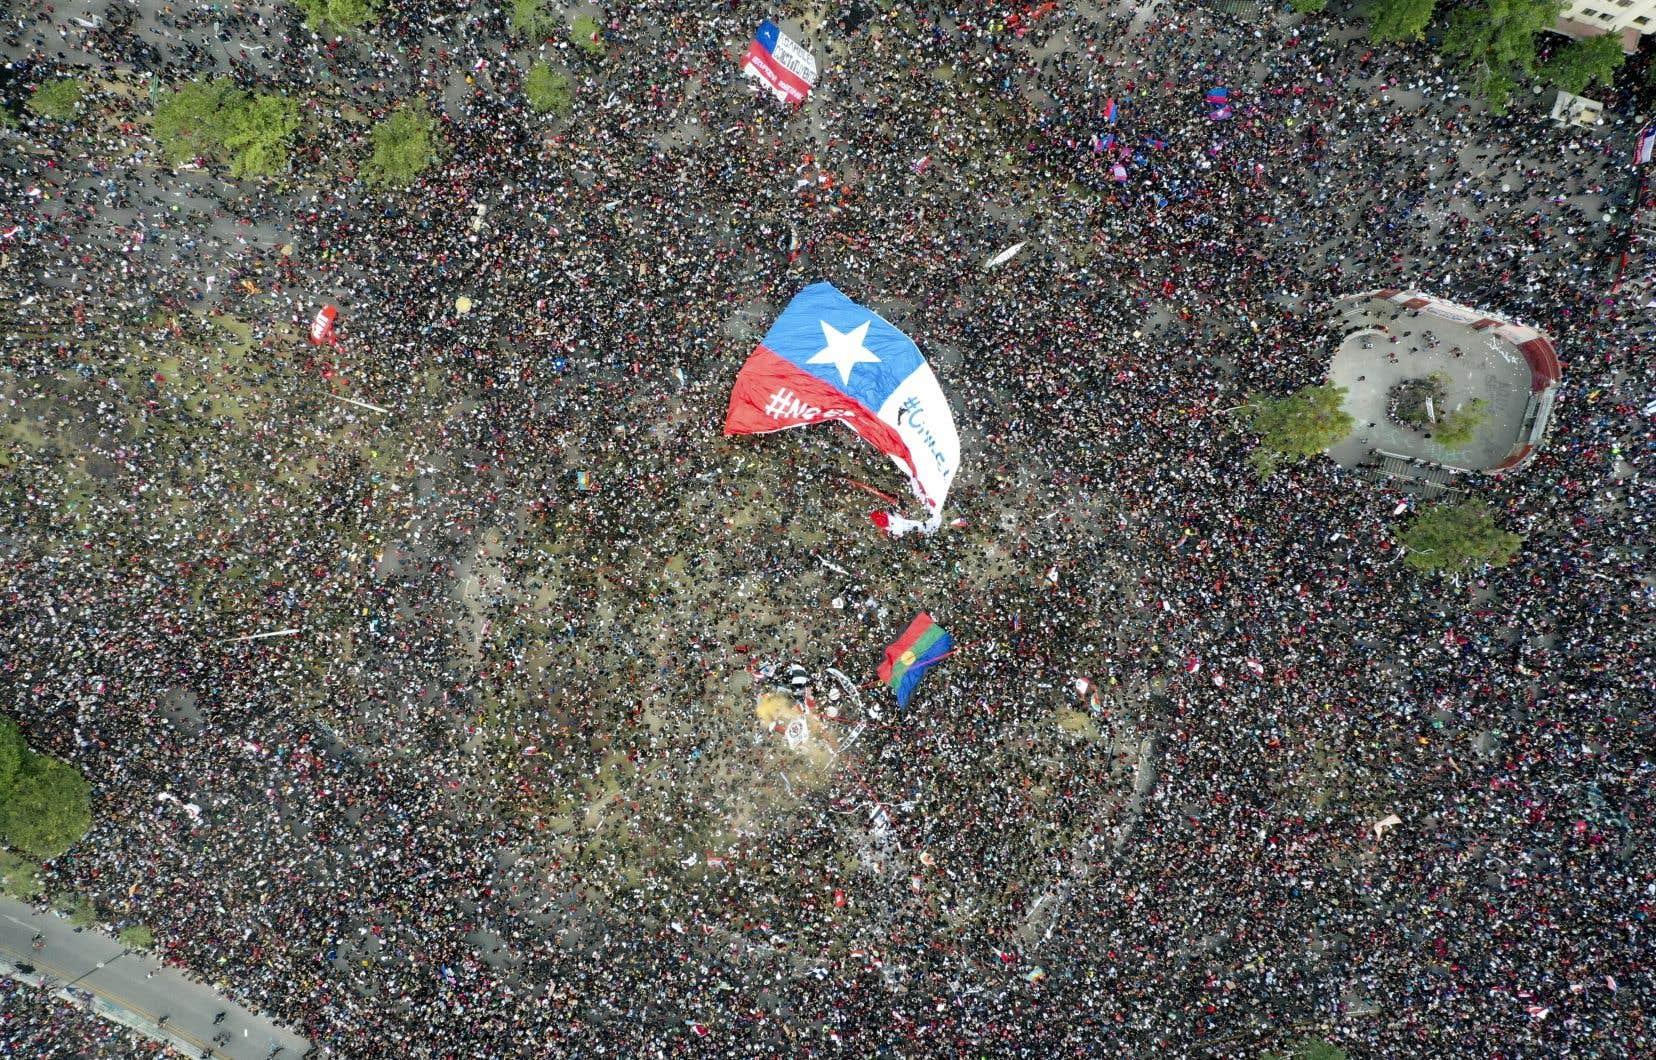 Avec plus d'un million de personnes mobilisées dans les rues du pays, la contestation ne se limite plus aux seules revendications des plus défavorisés.